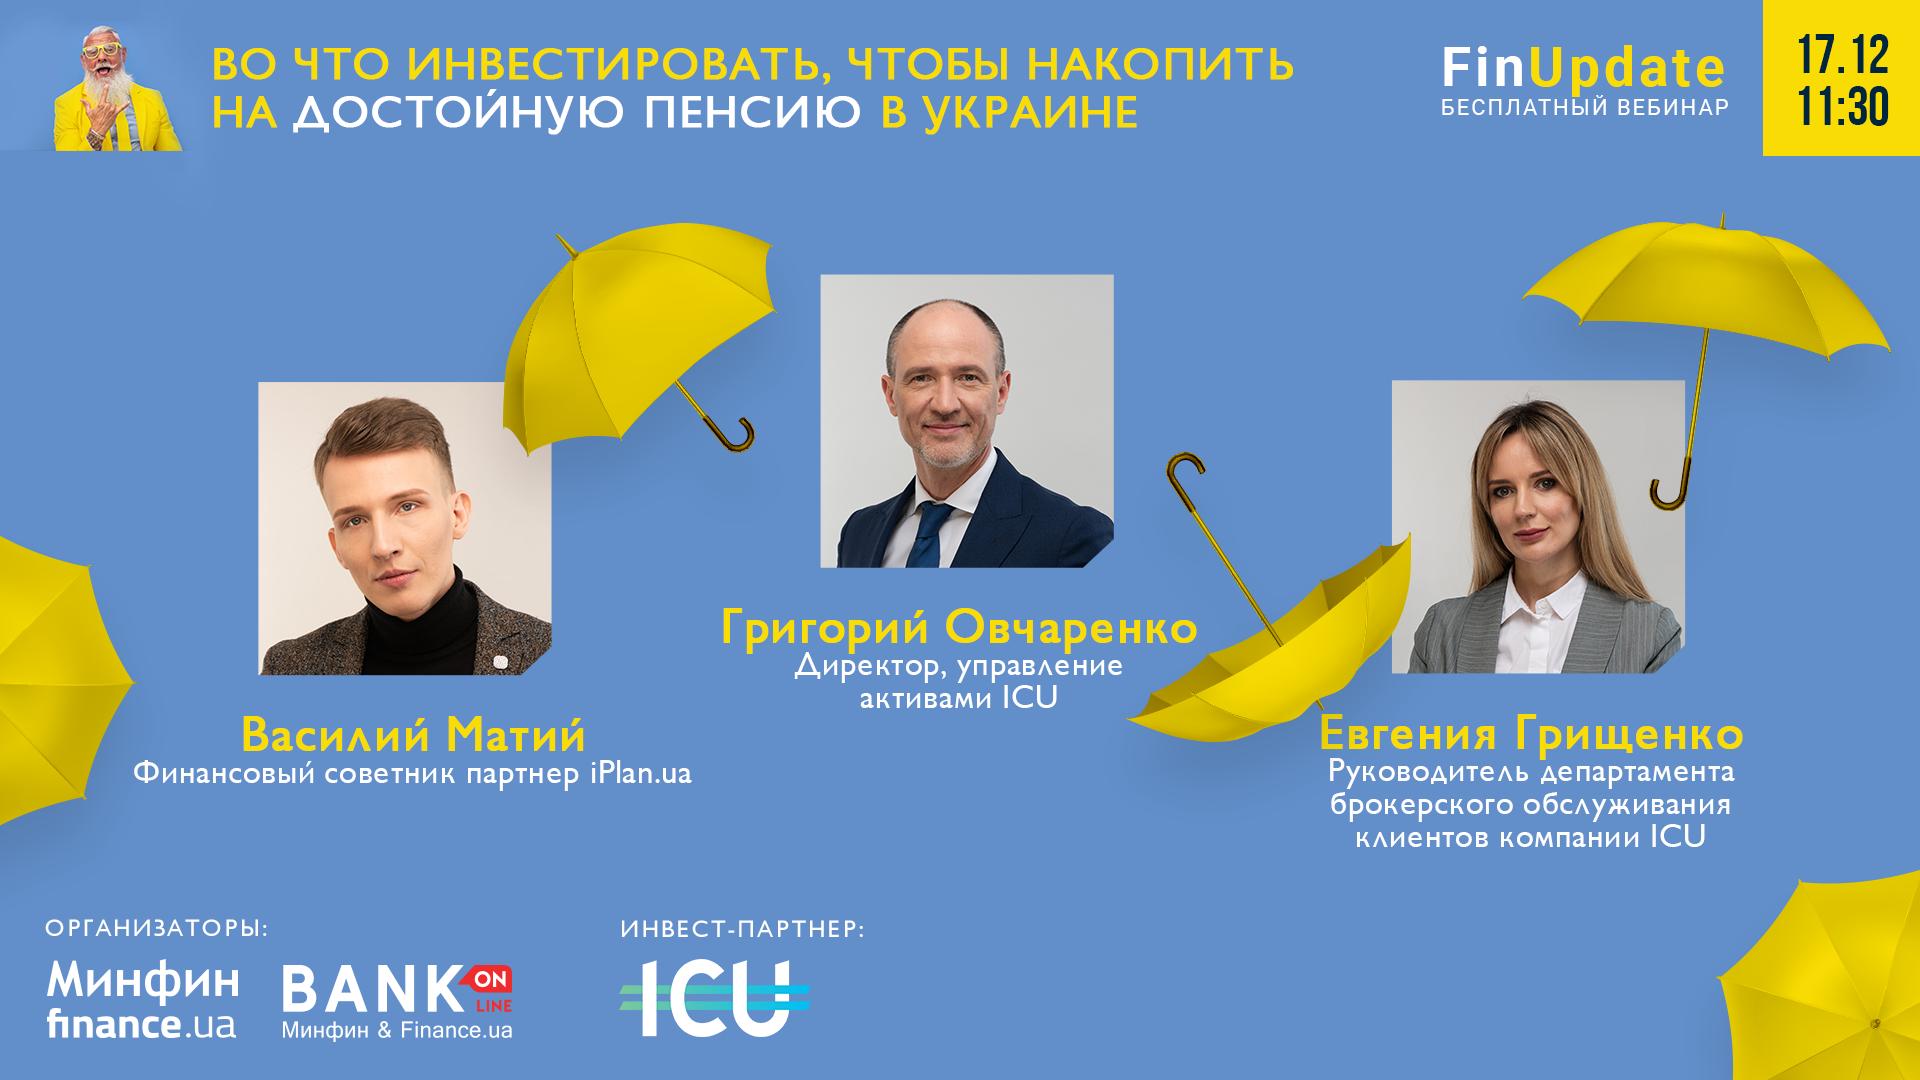 Во что инвестировать сегодня, чтобы накопить на достойную пенсию в Украине